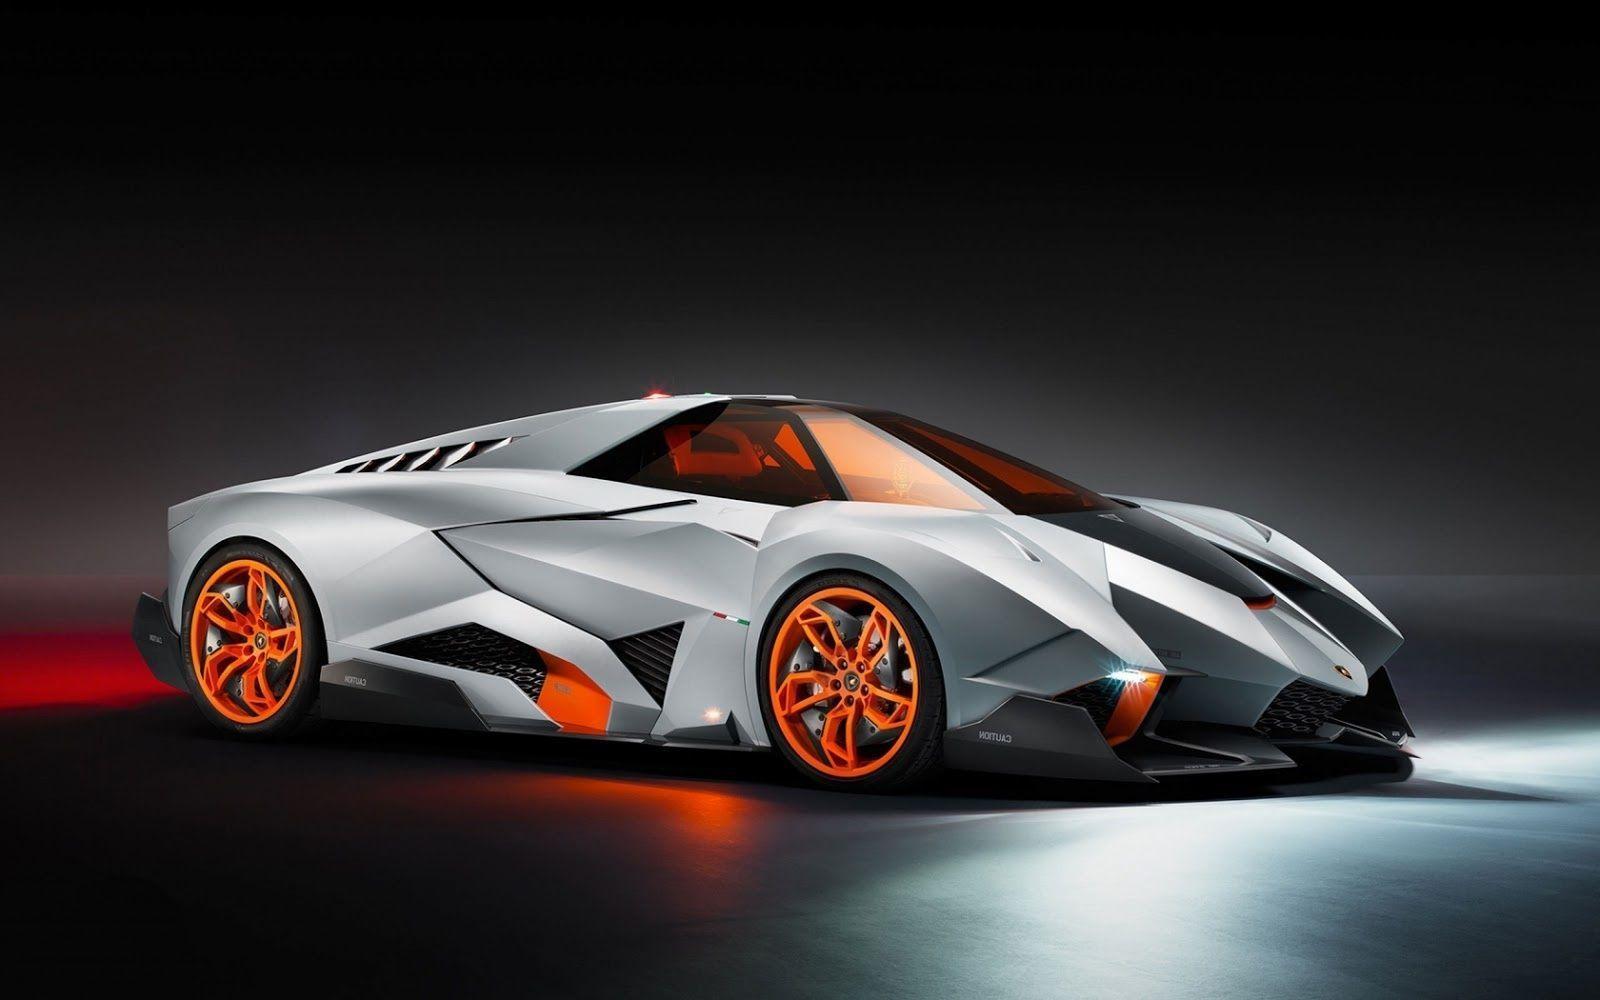 Fast Car Wallpaper Hd: Wallpapers Full HD 1080p Lamborghini New 2015